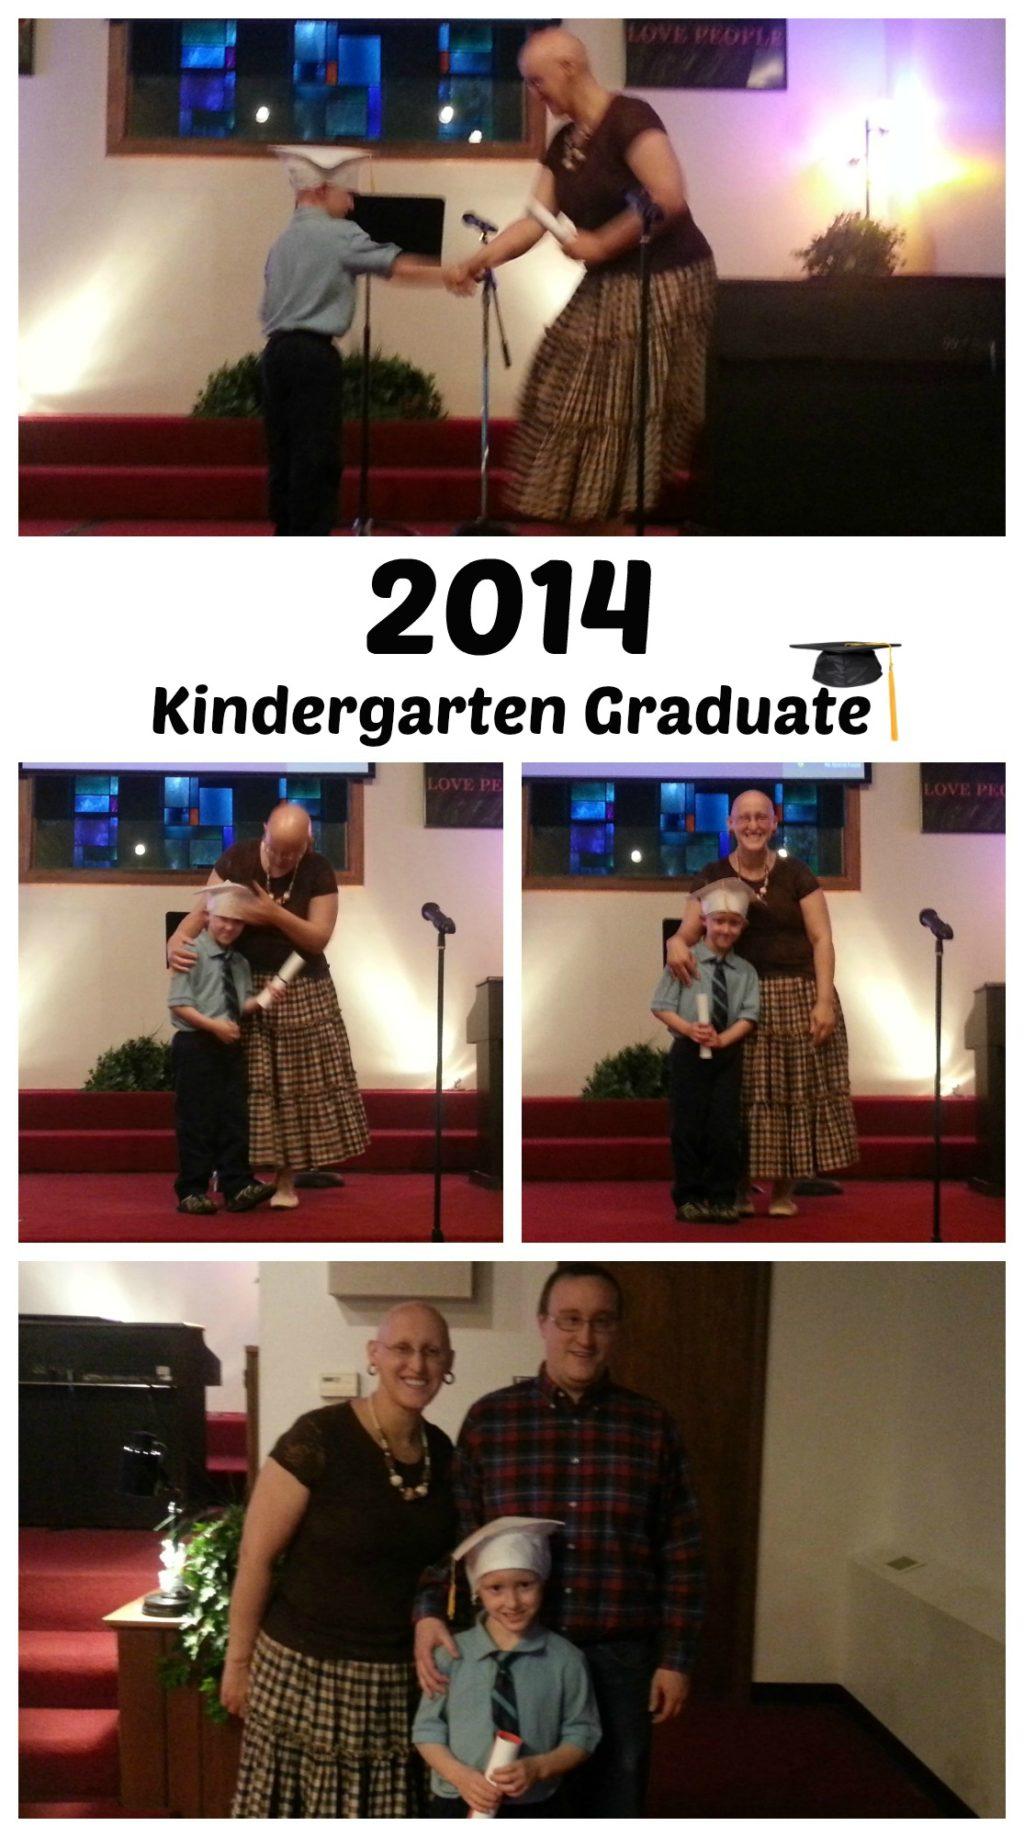 2014 Kindergarten Graduate